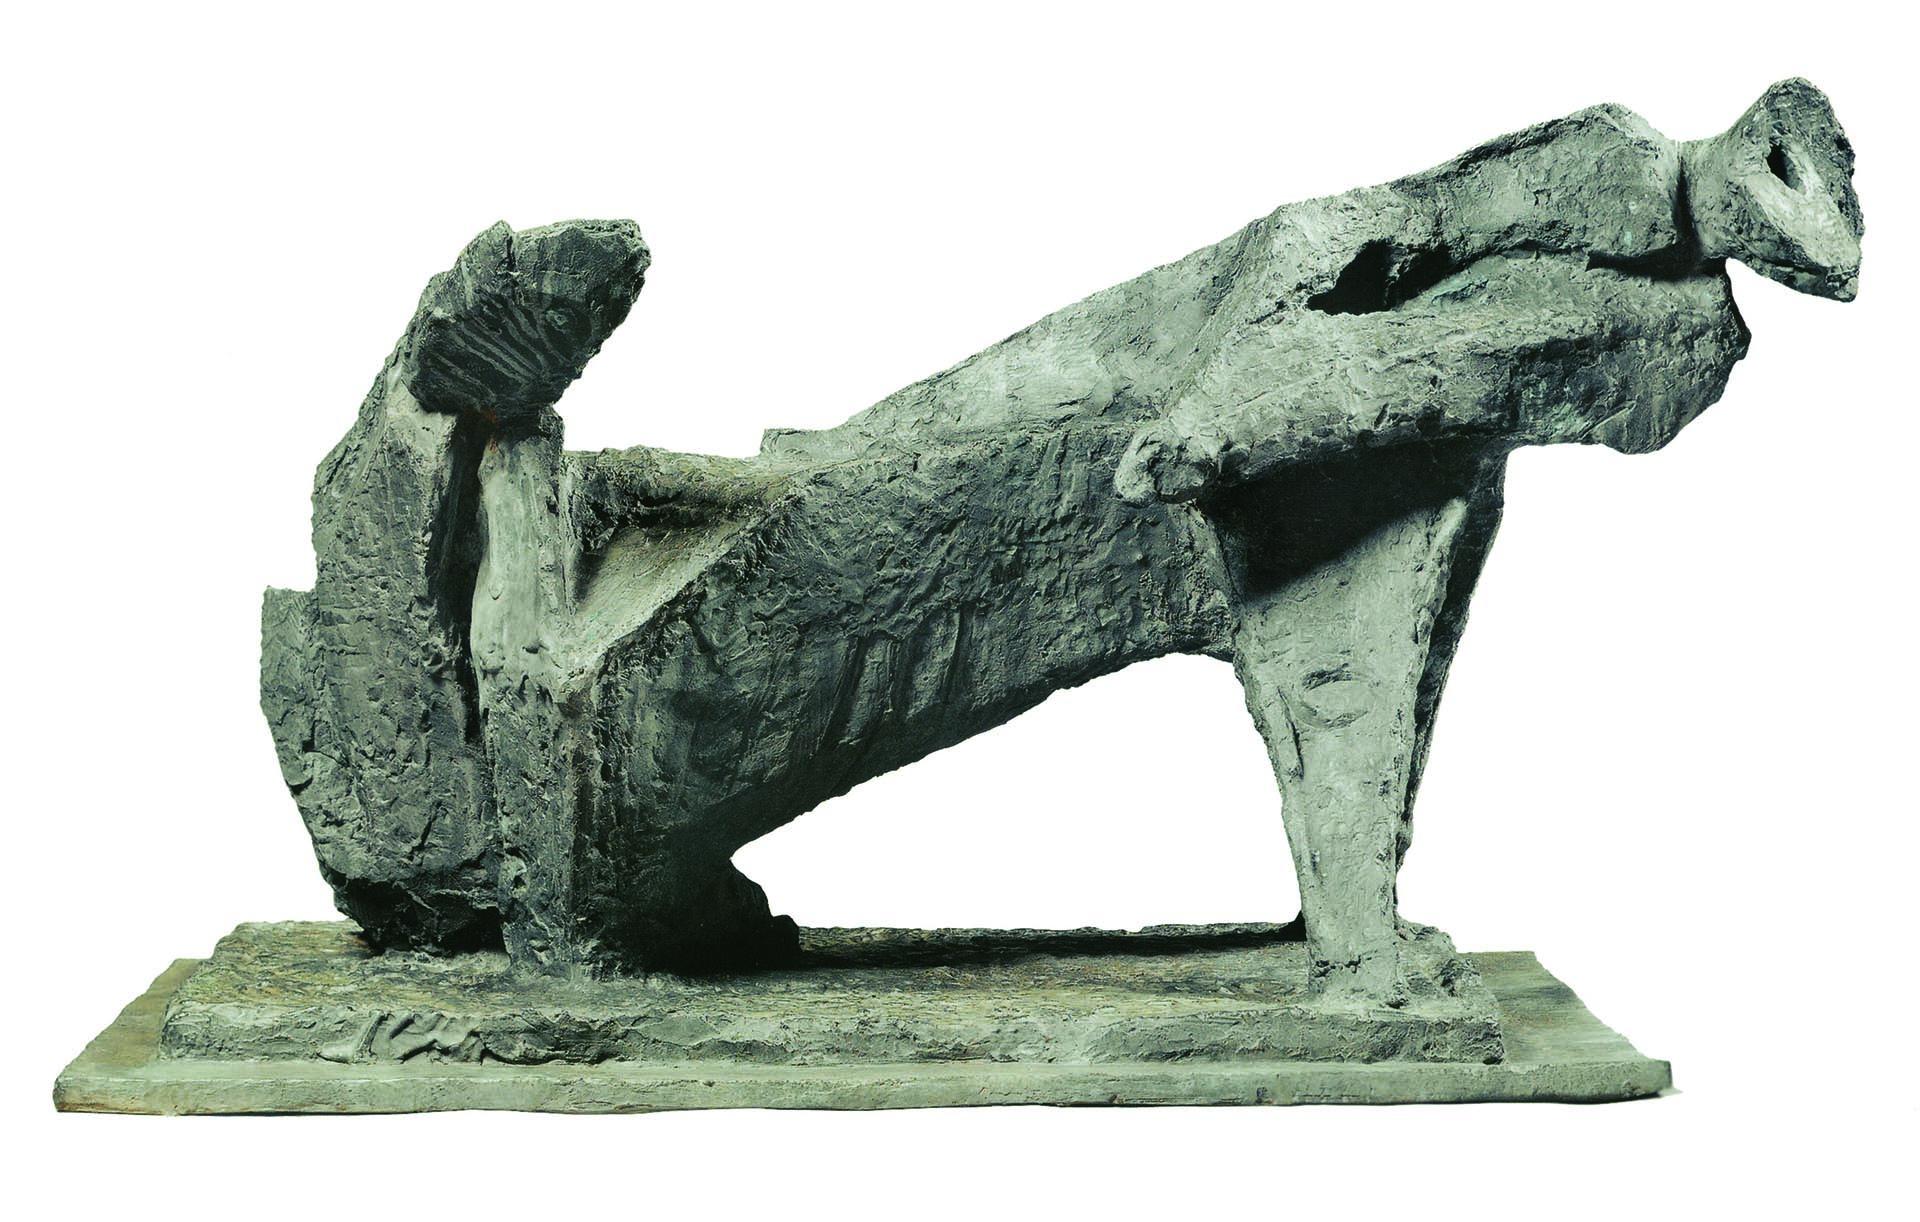 Marini, Guerriero, 1956-57, 70x110x66 cm